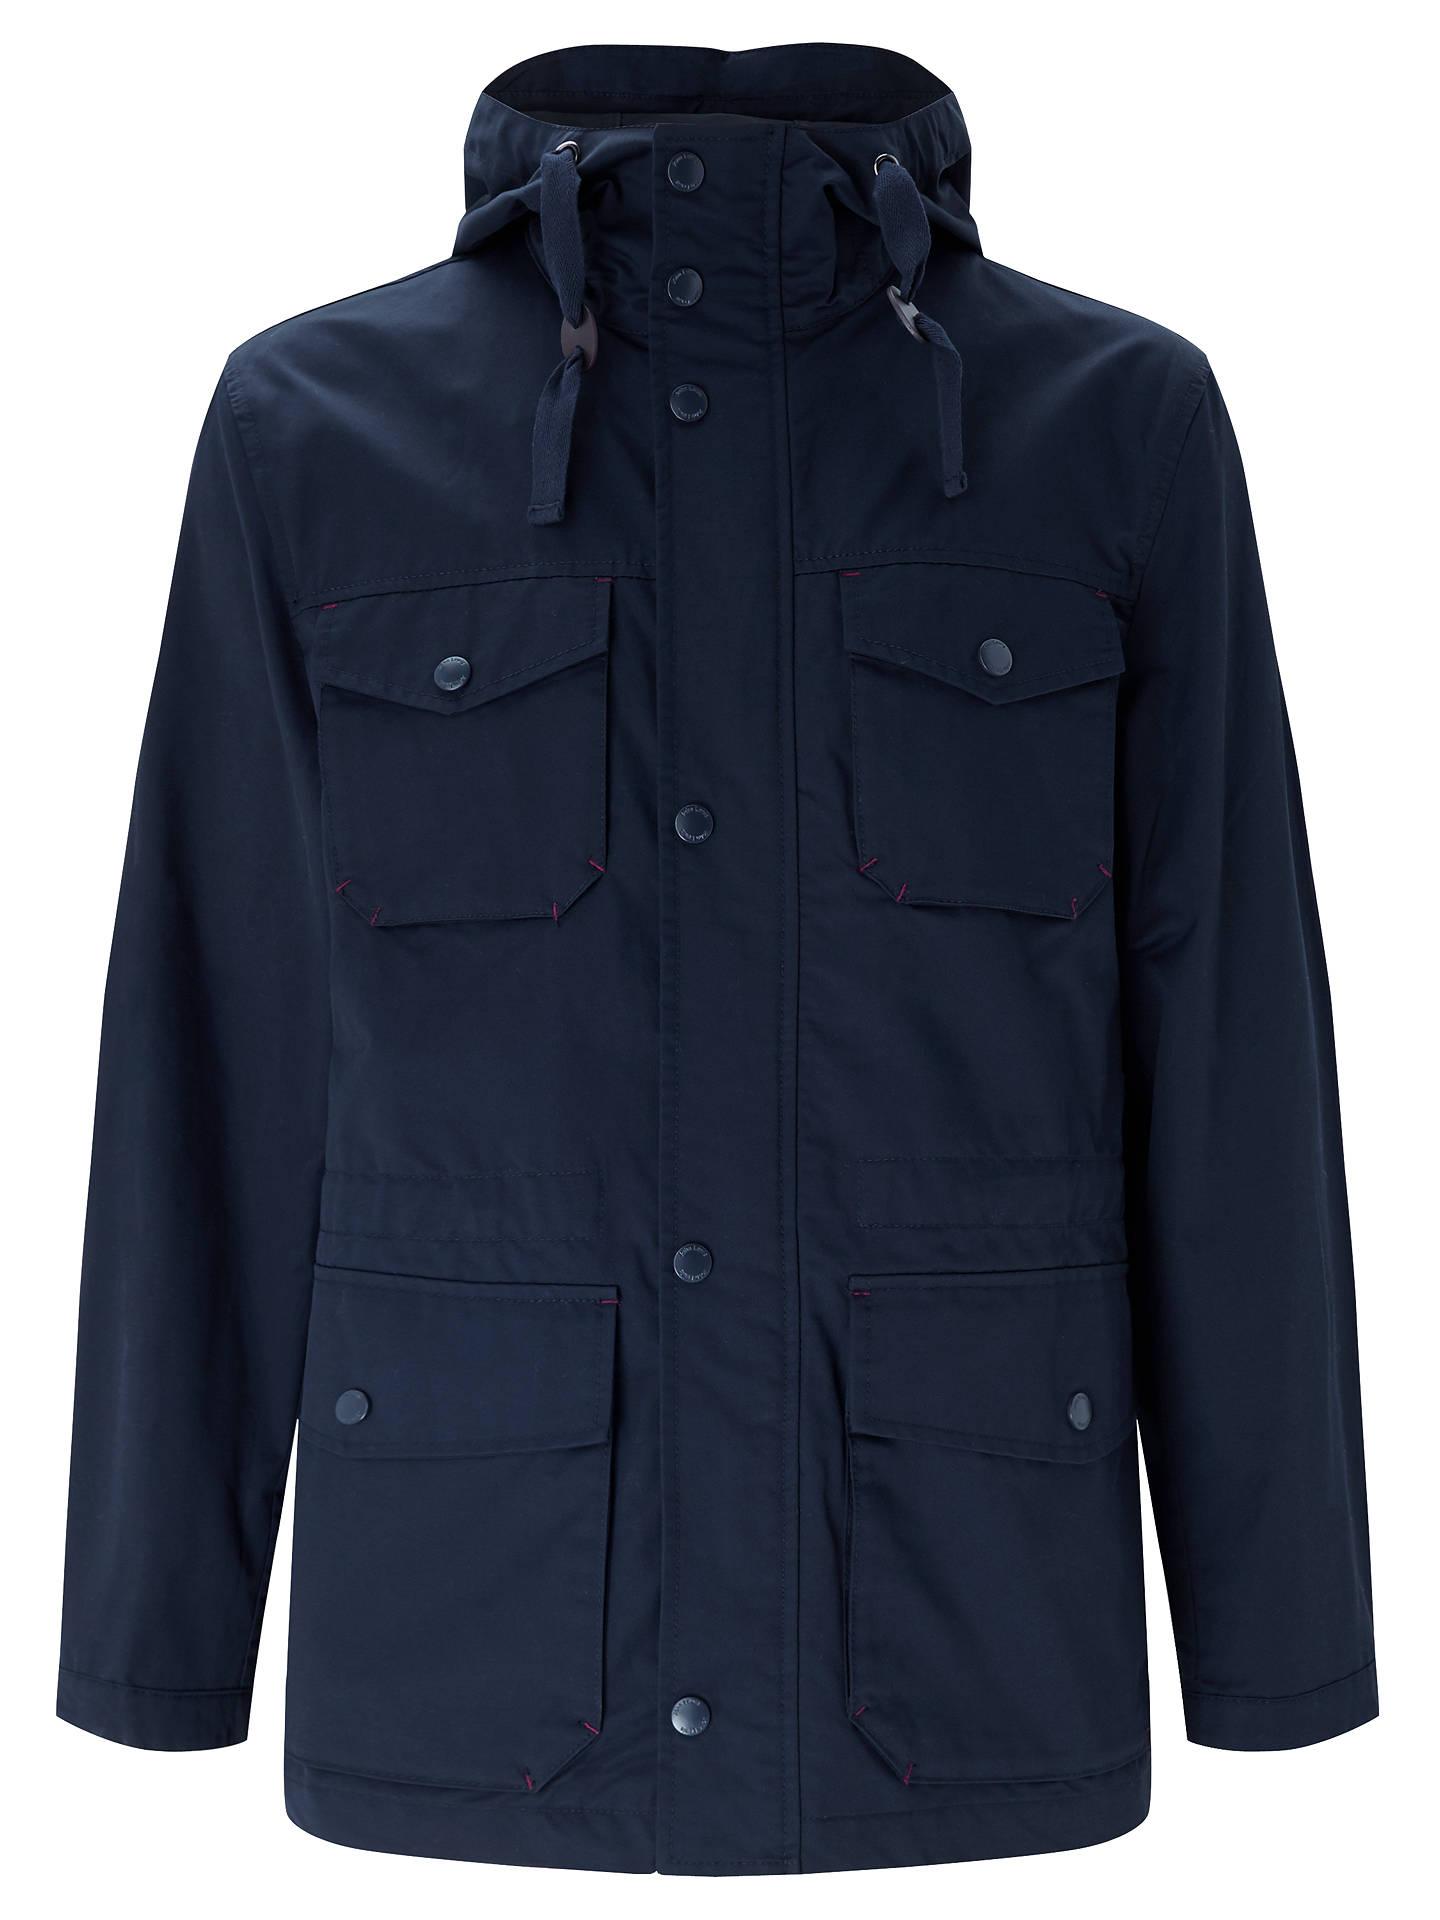 786499bb89c Buy John Lewis Storm Fisherman Jacket